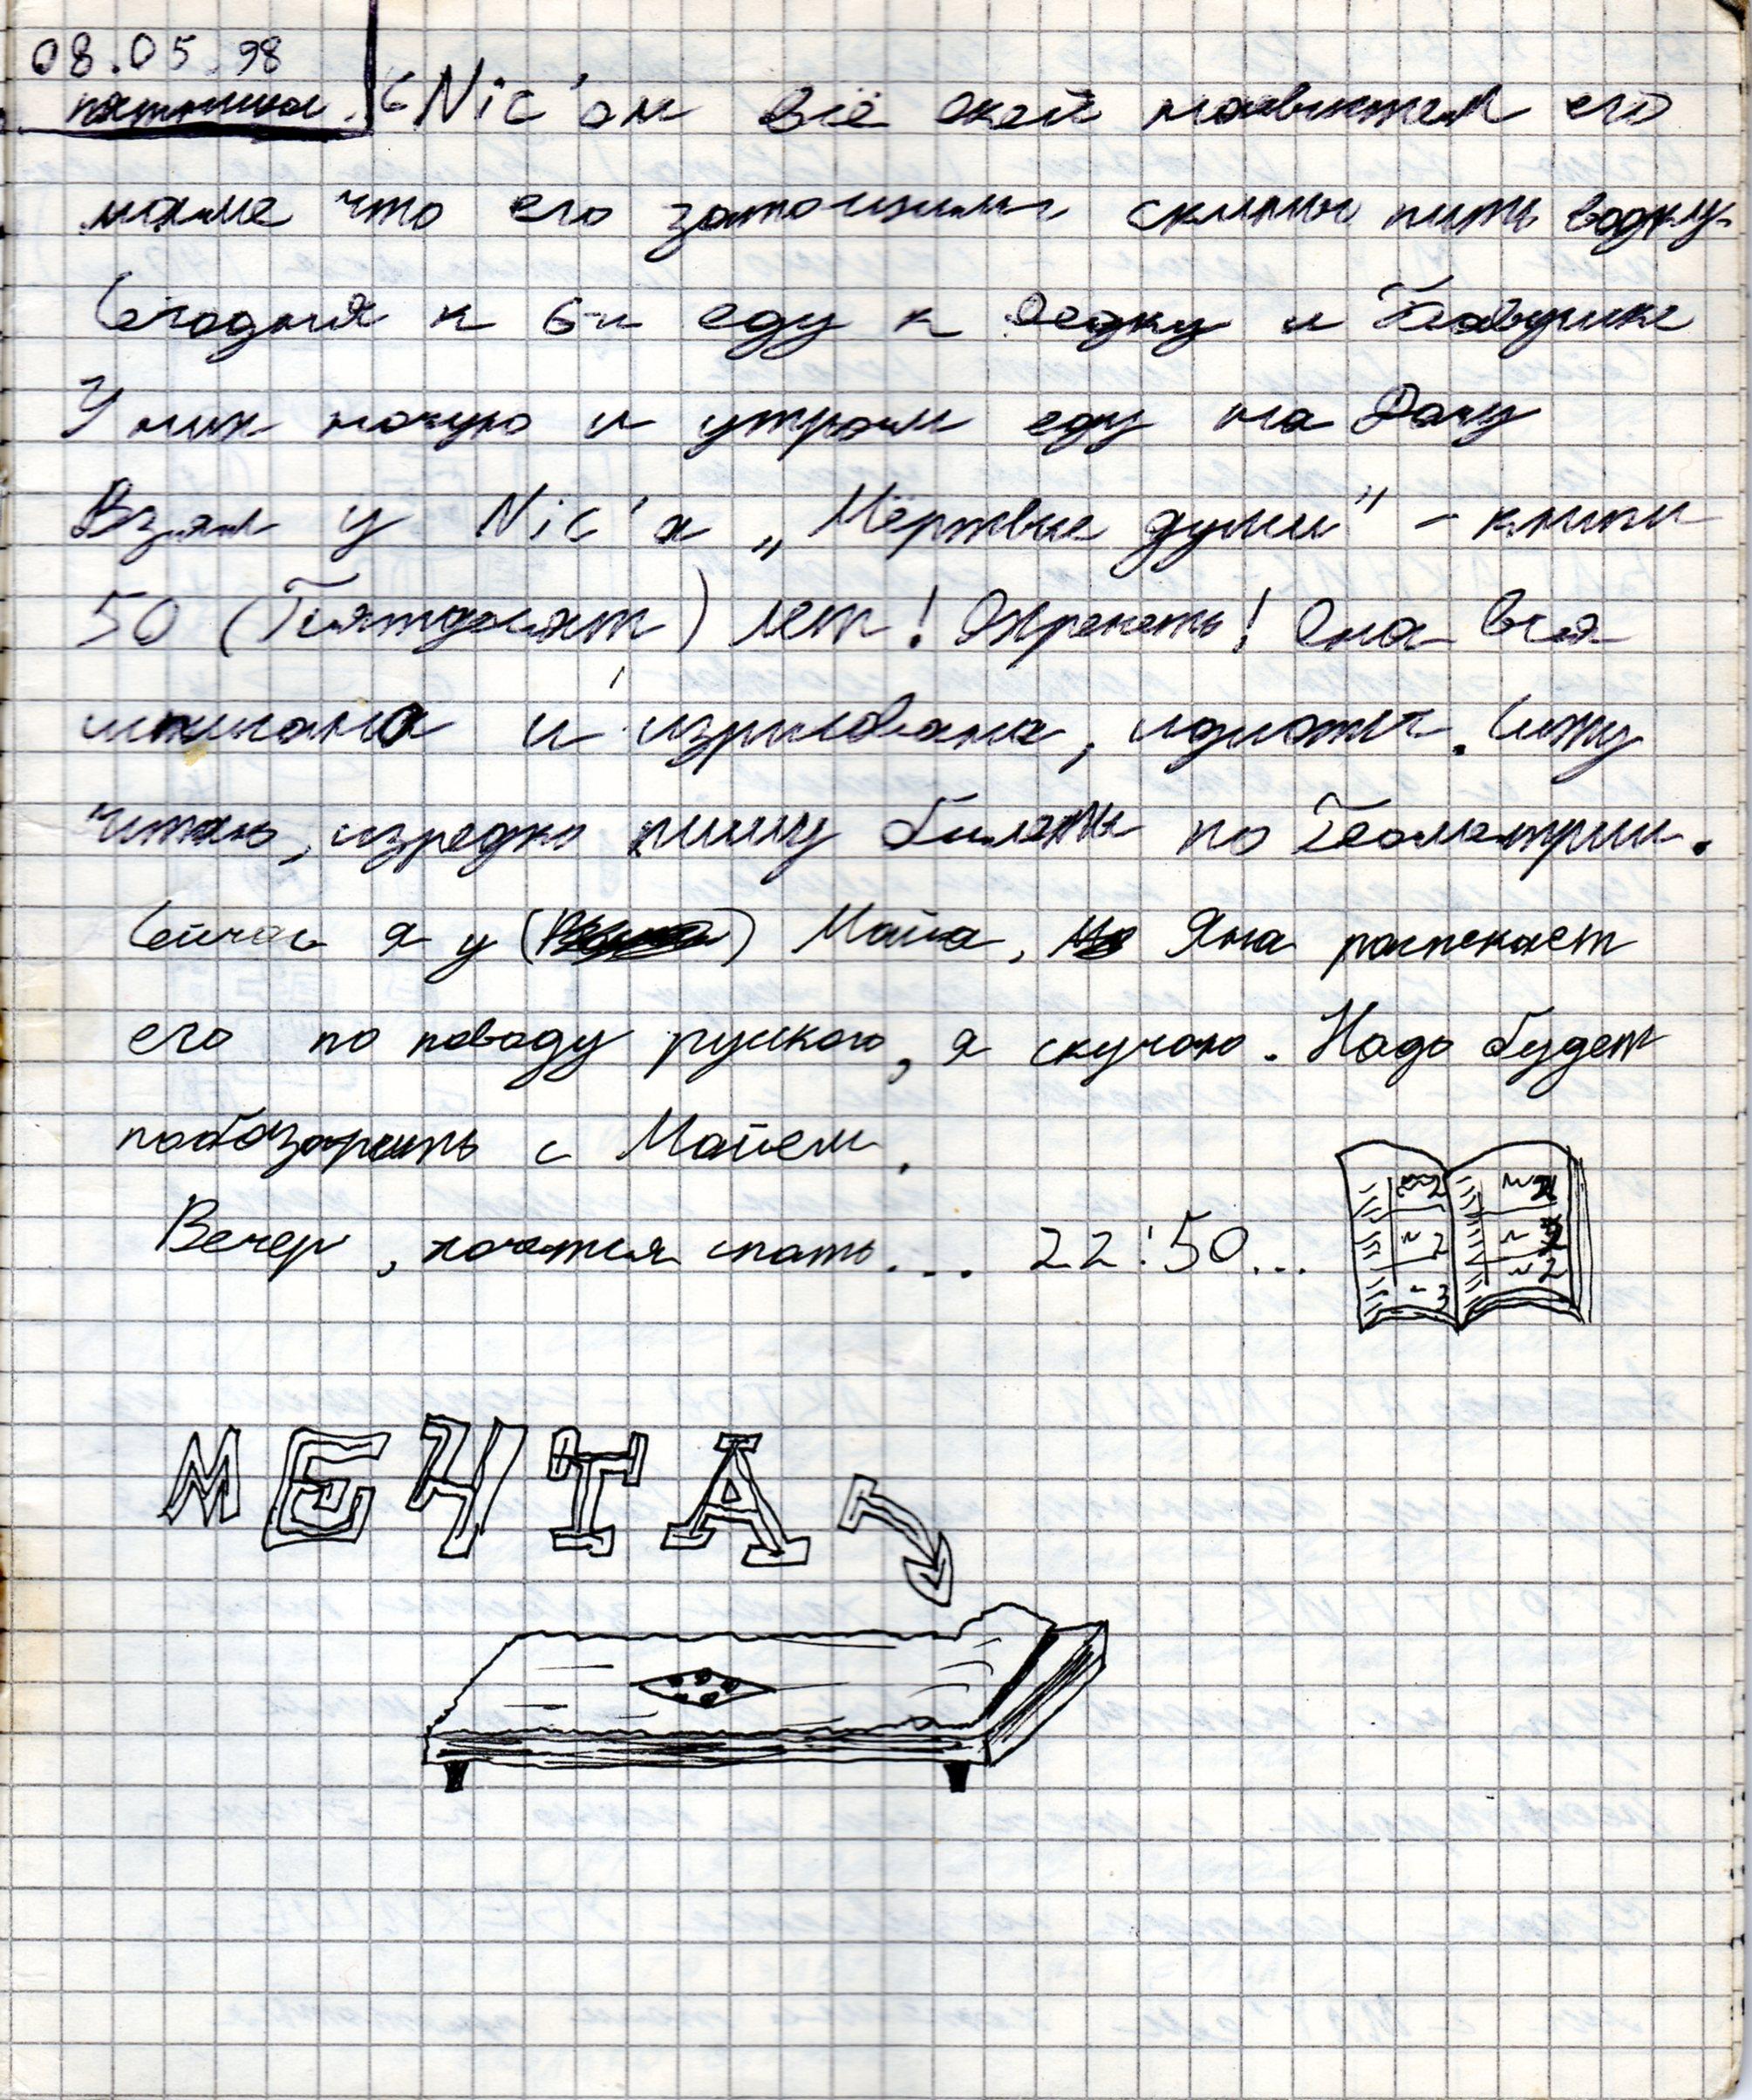 Запись из дневника от 08.05.1998